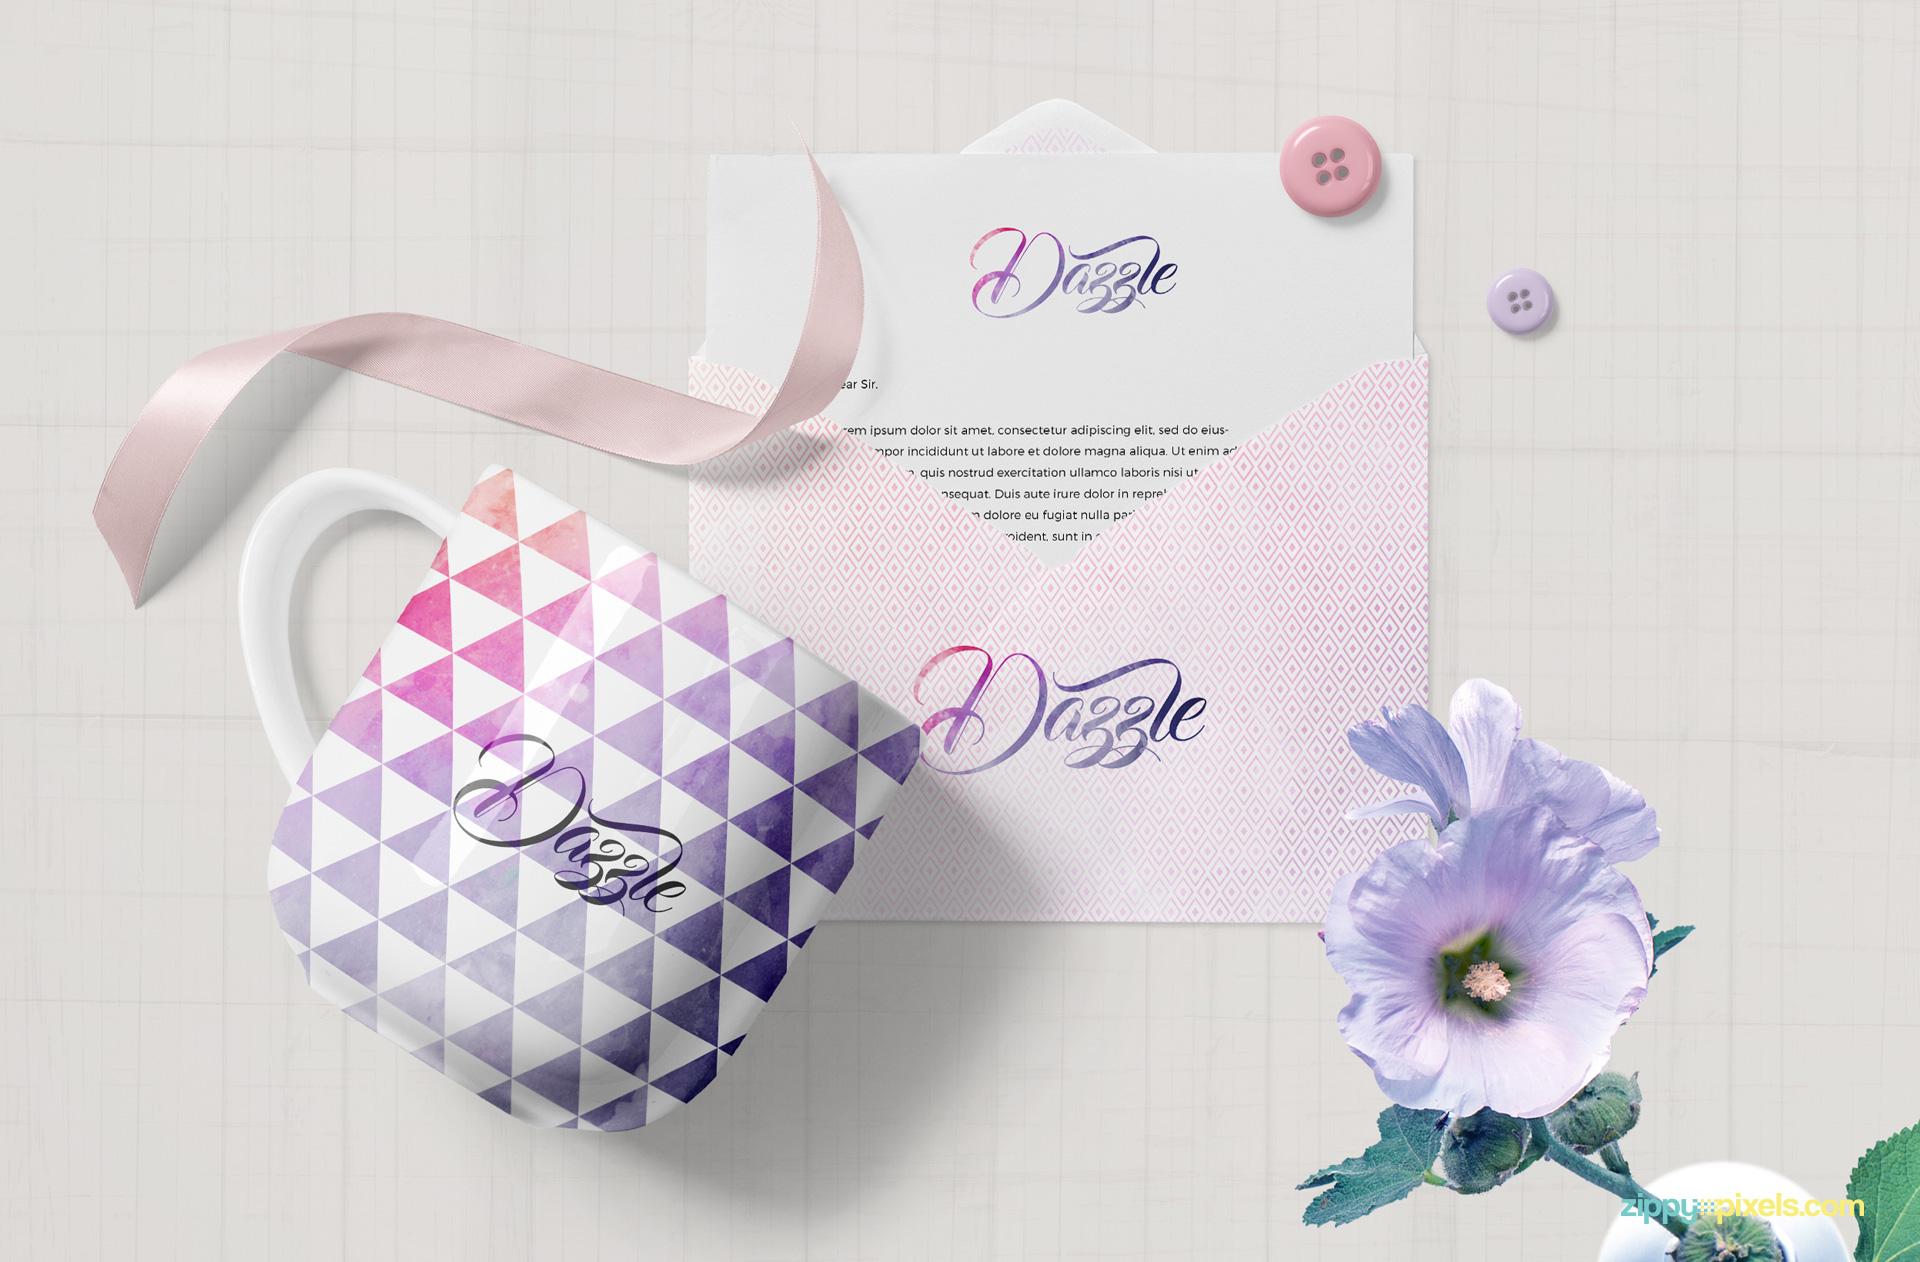 dazzle-scene-mug-cup-plant-envelope-feminine-cool-03